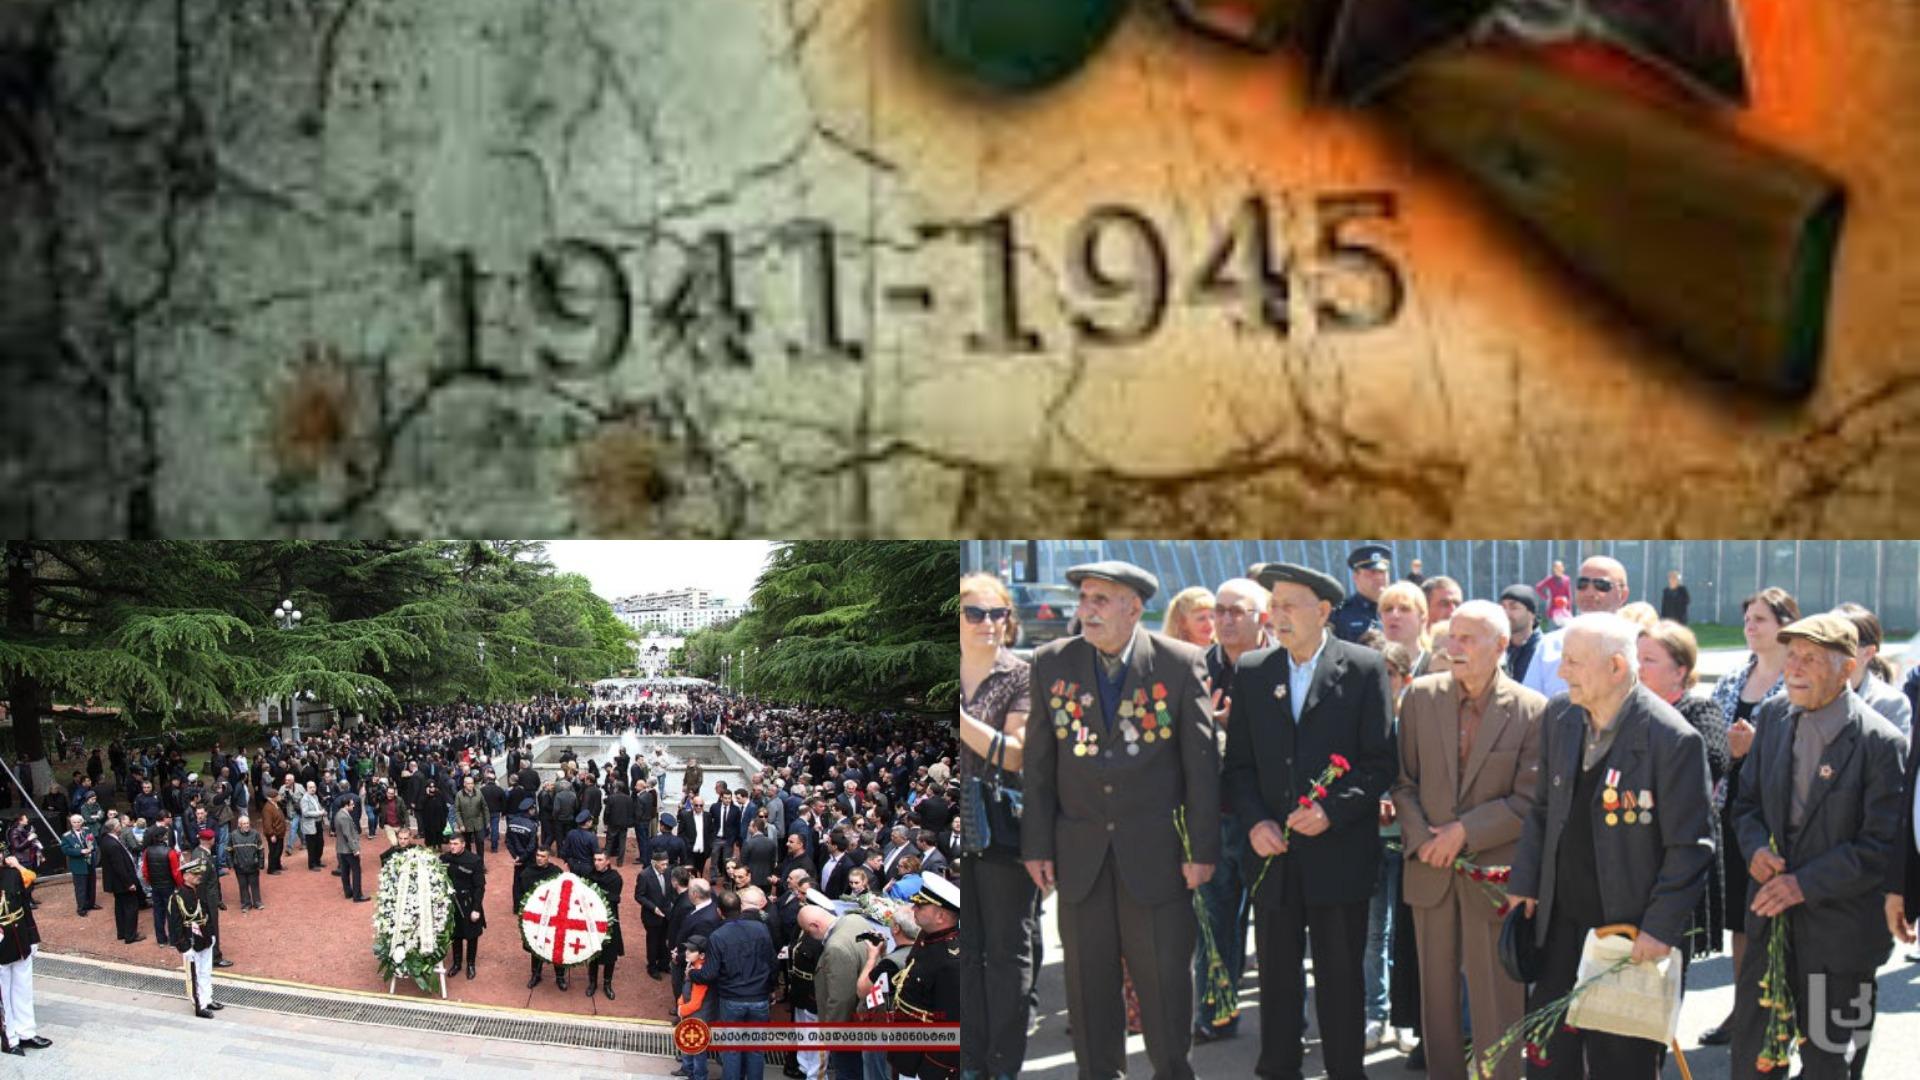 ჩვენი საქართველო - მეორე მსოფლიო ომი და გამარჯვების დღის აღნიშვნა საქართველოში